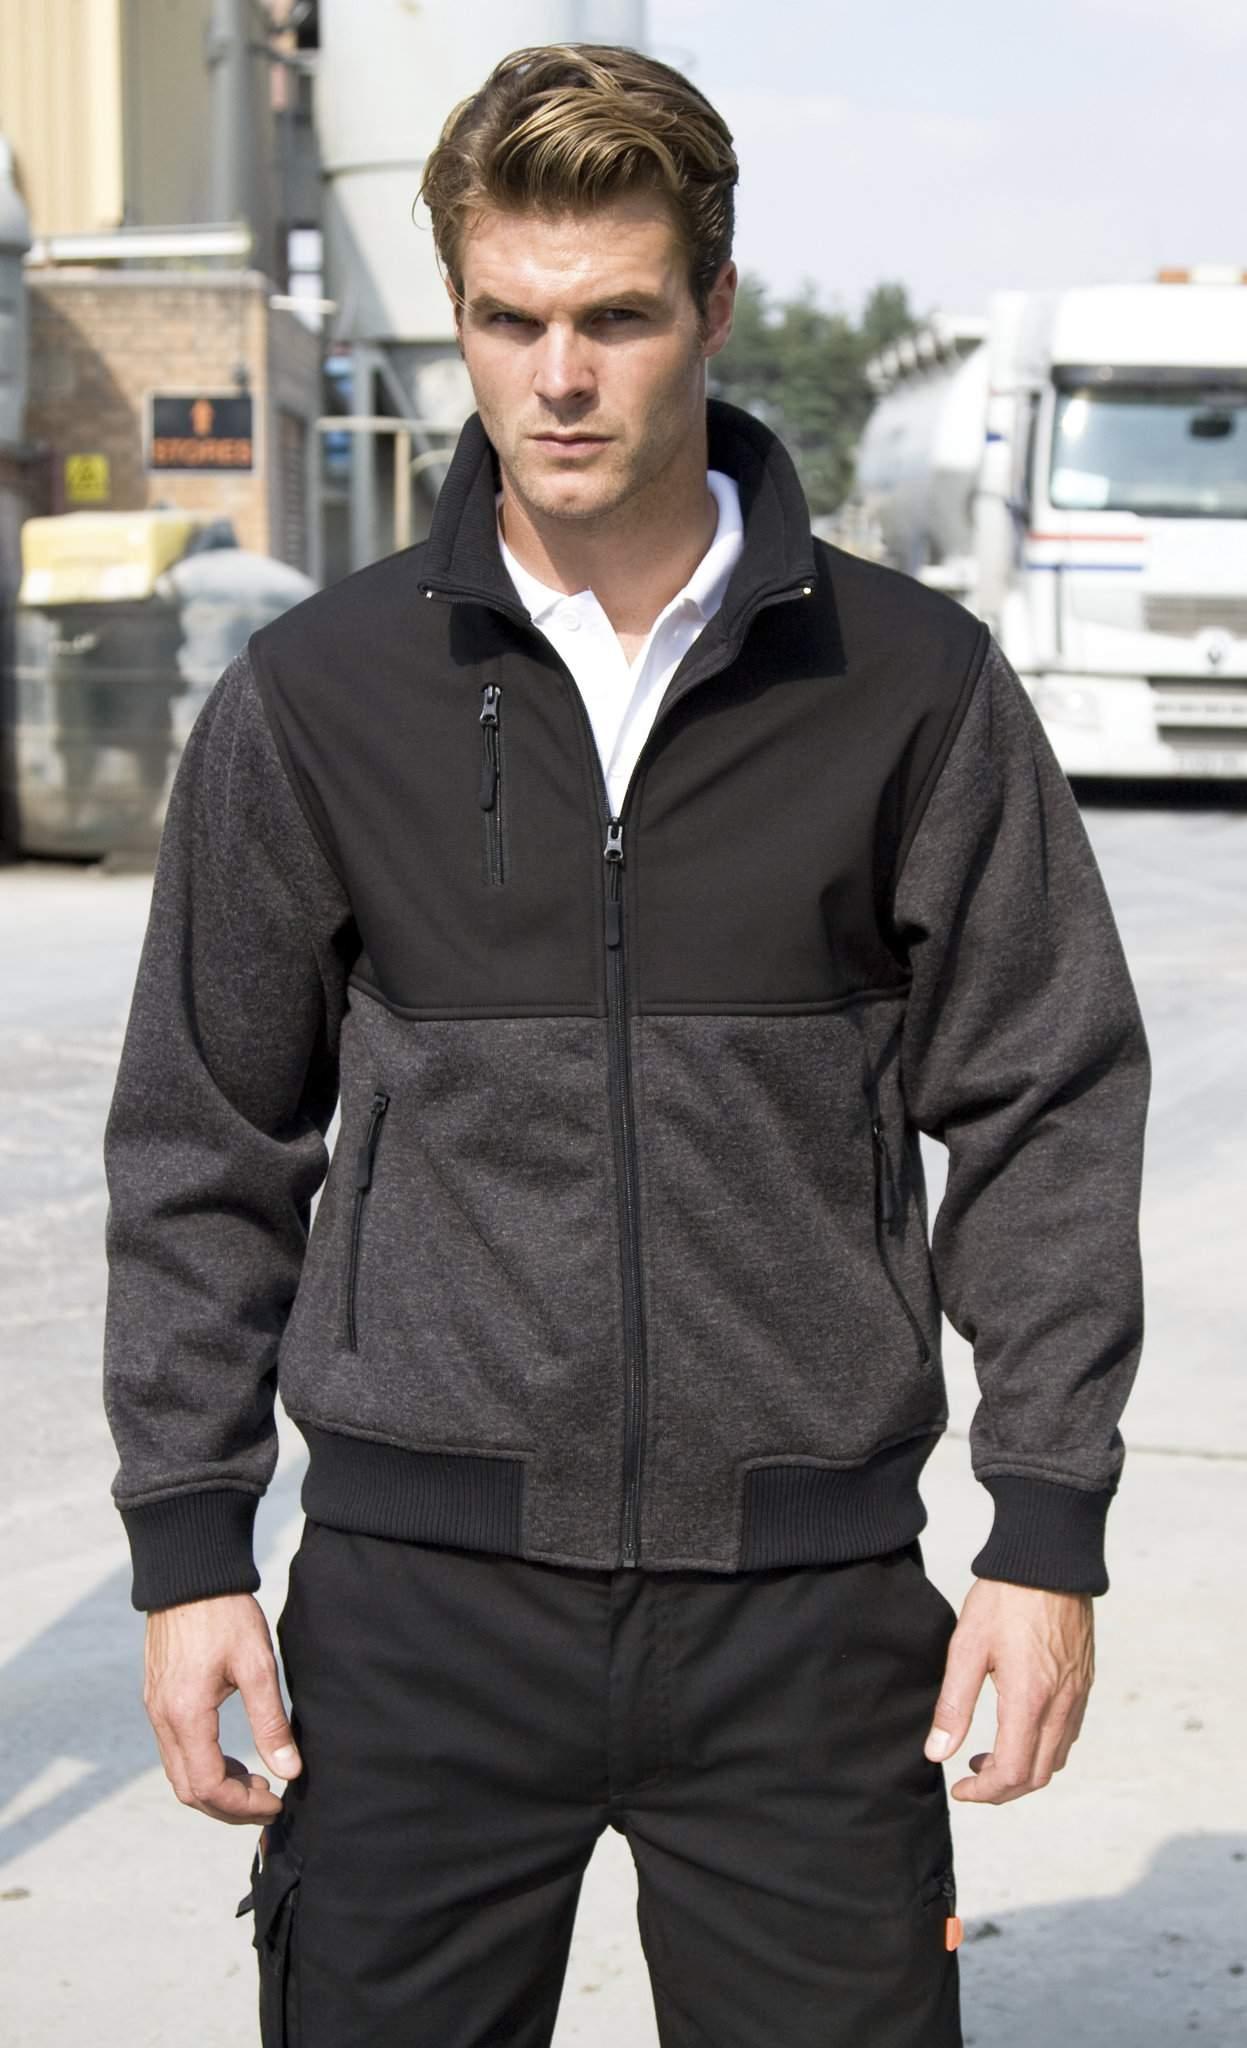 Veste personnalisable Brink grey marl black - cadeau d'entreprise